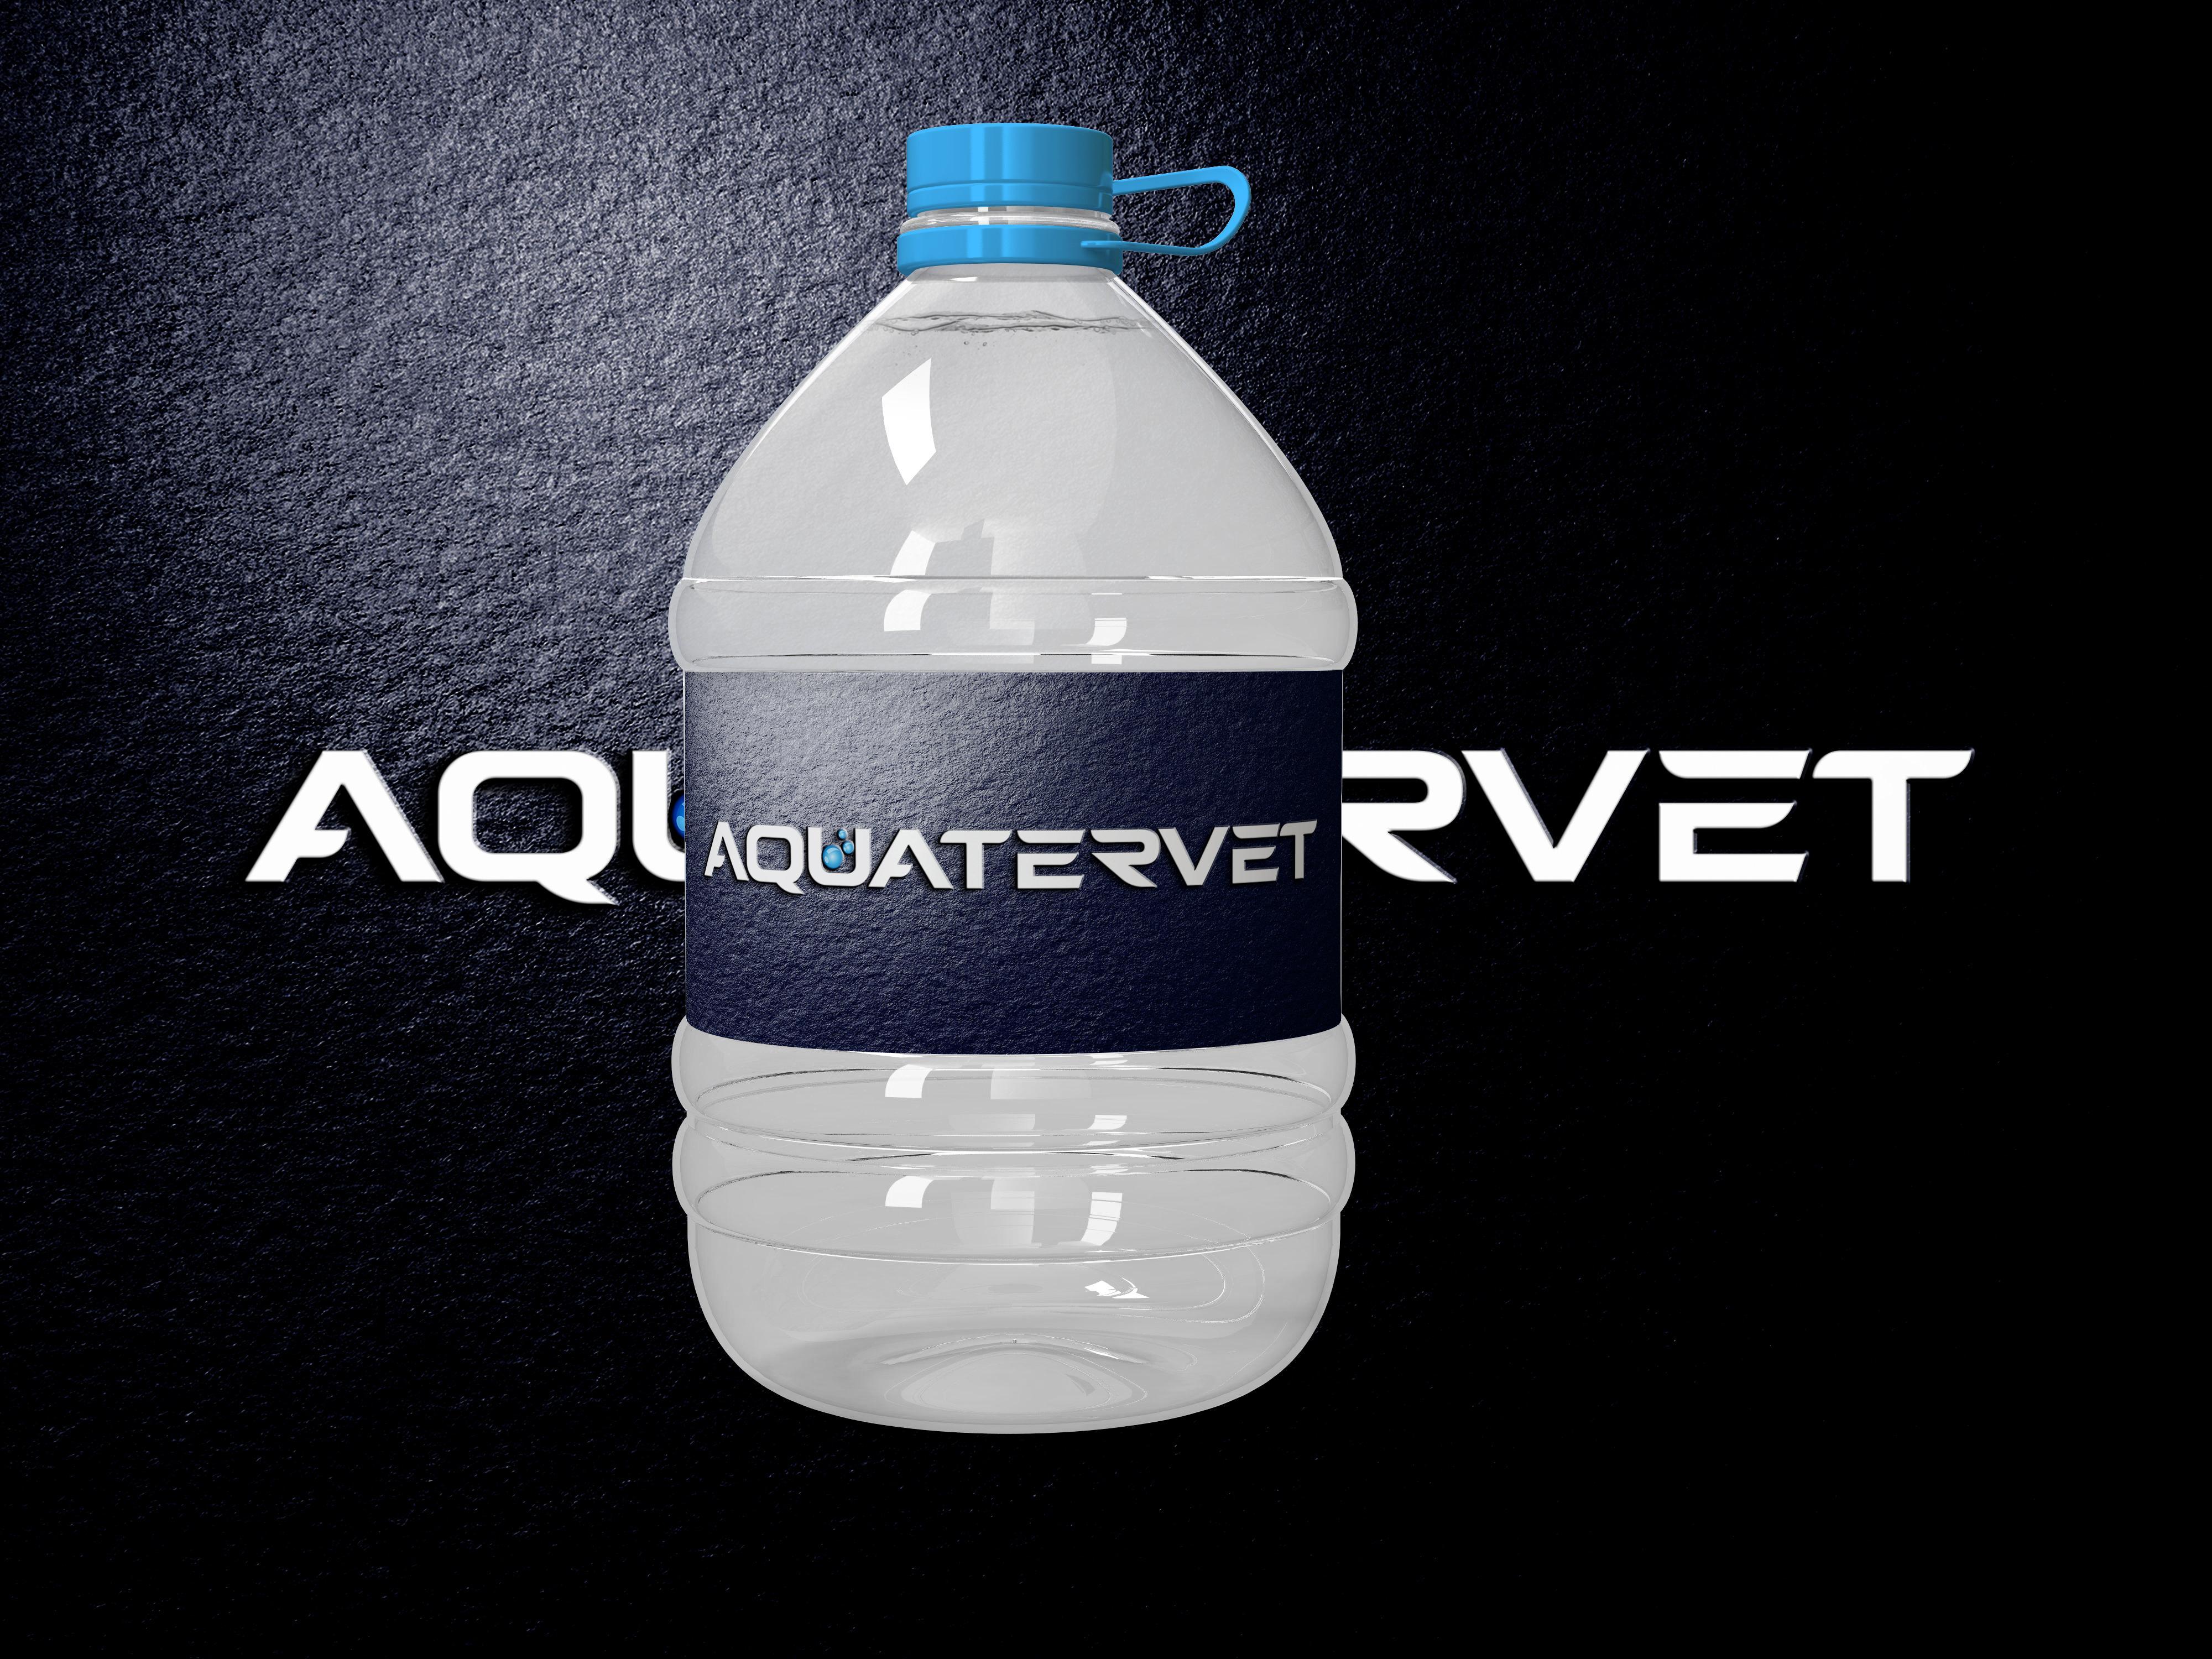 aquater